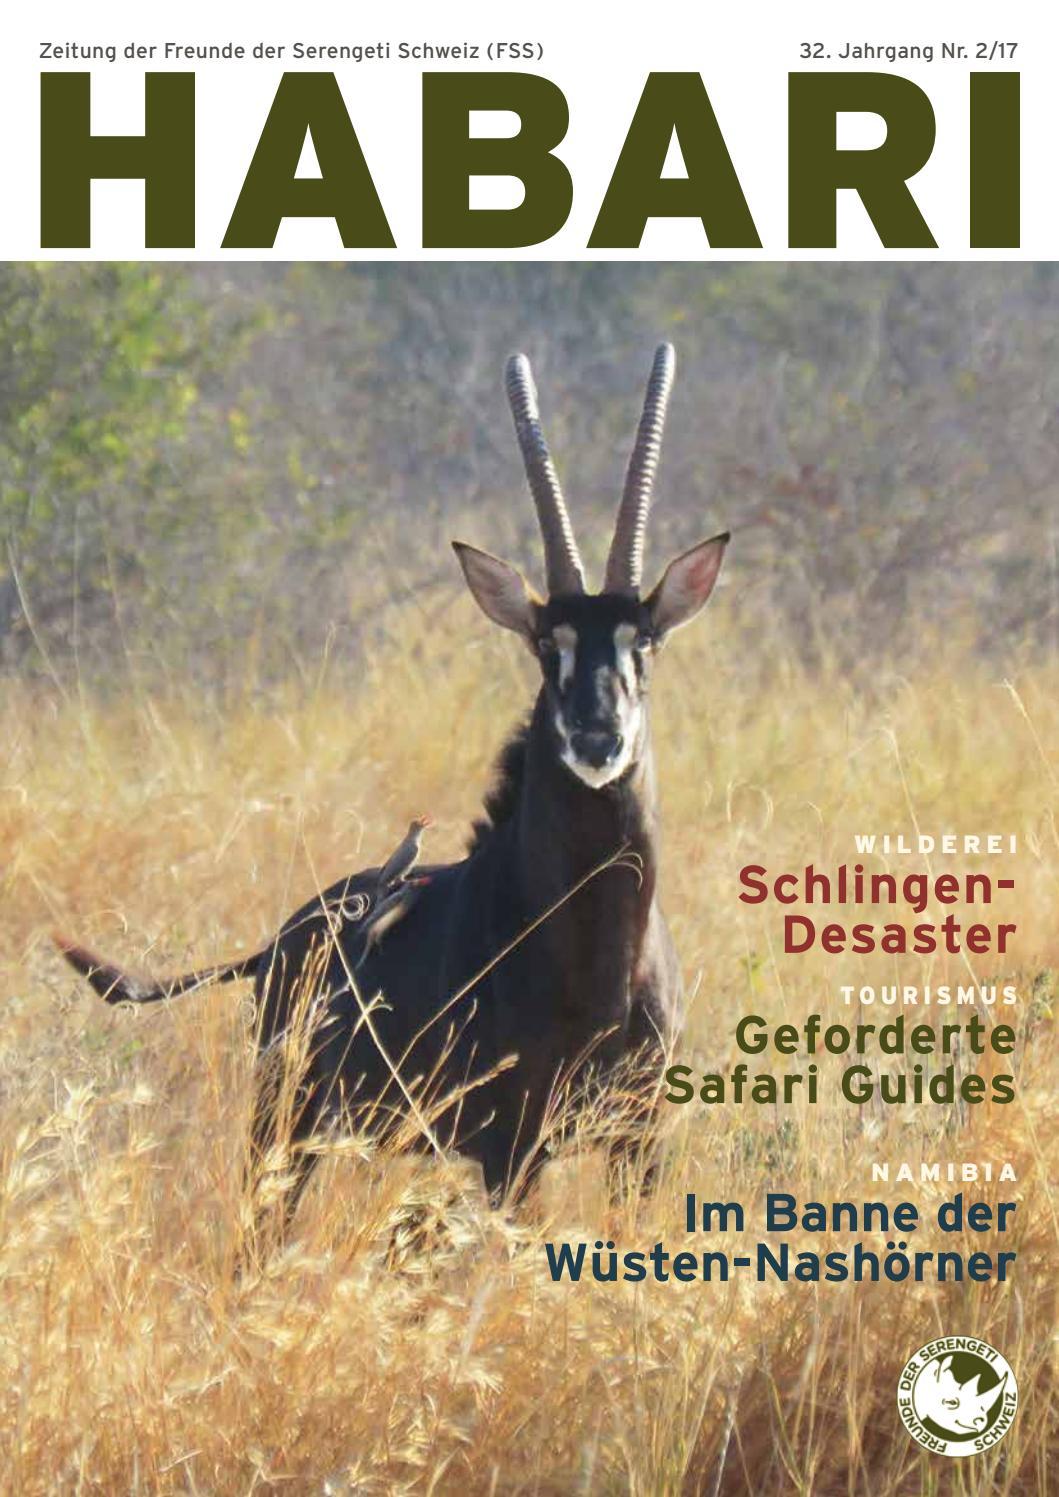 Habari 2/17 by Friends of Serengeti Switzerland (FSS) - issuu